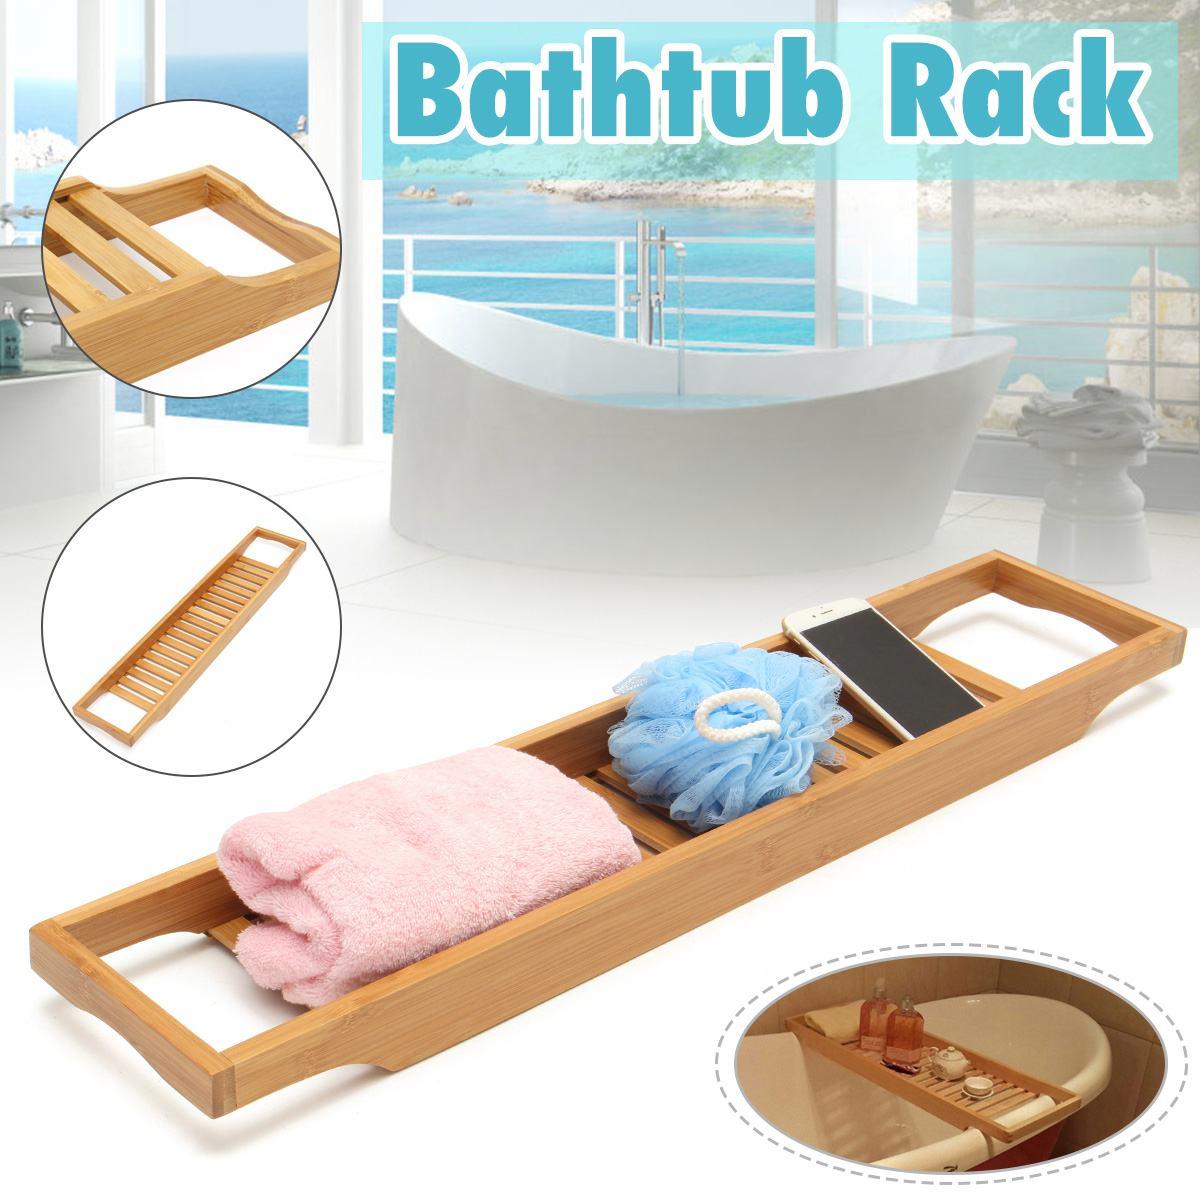 Bamboo Bathtub Tray Bath Tray Spa Bathtub Caddy Organizer Book Wine Tablet Holder Reading Rack